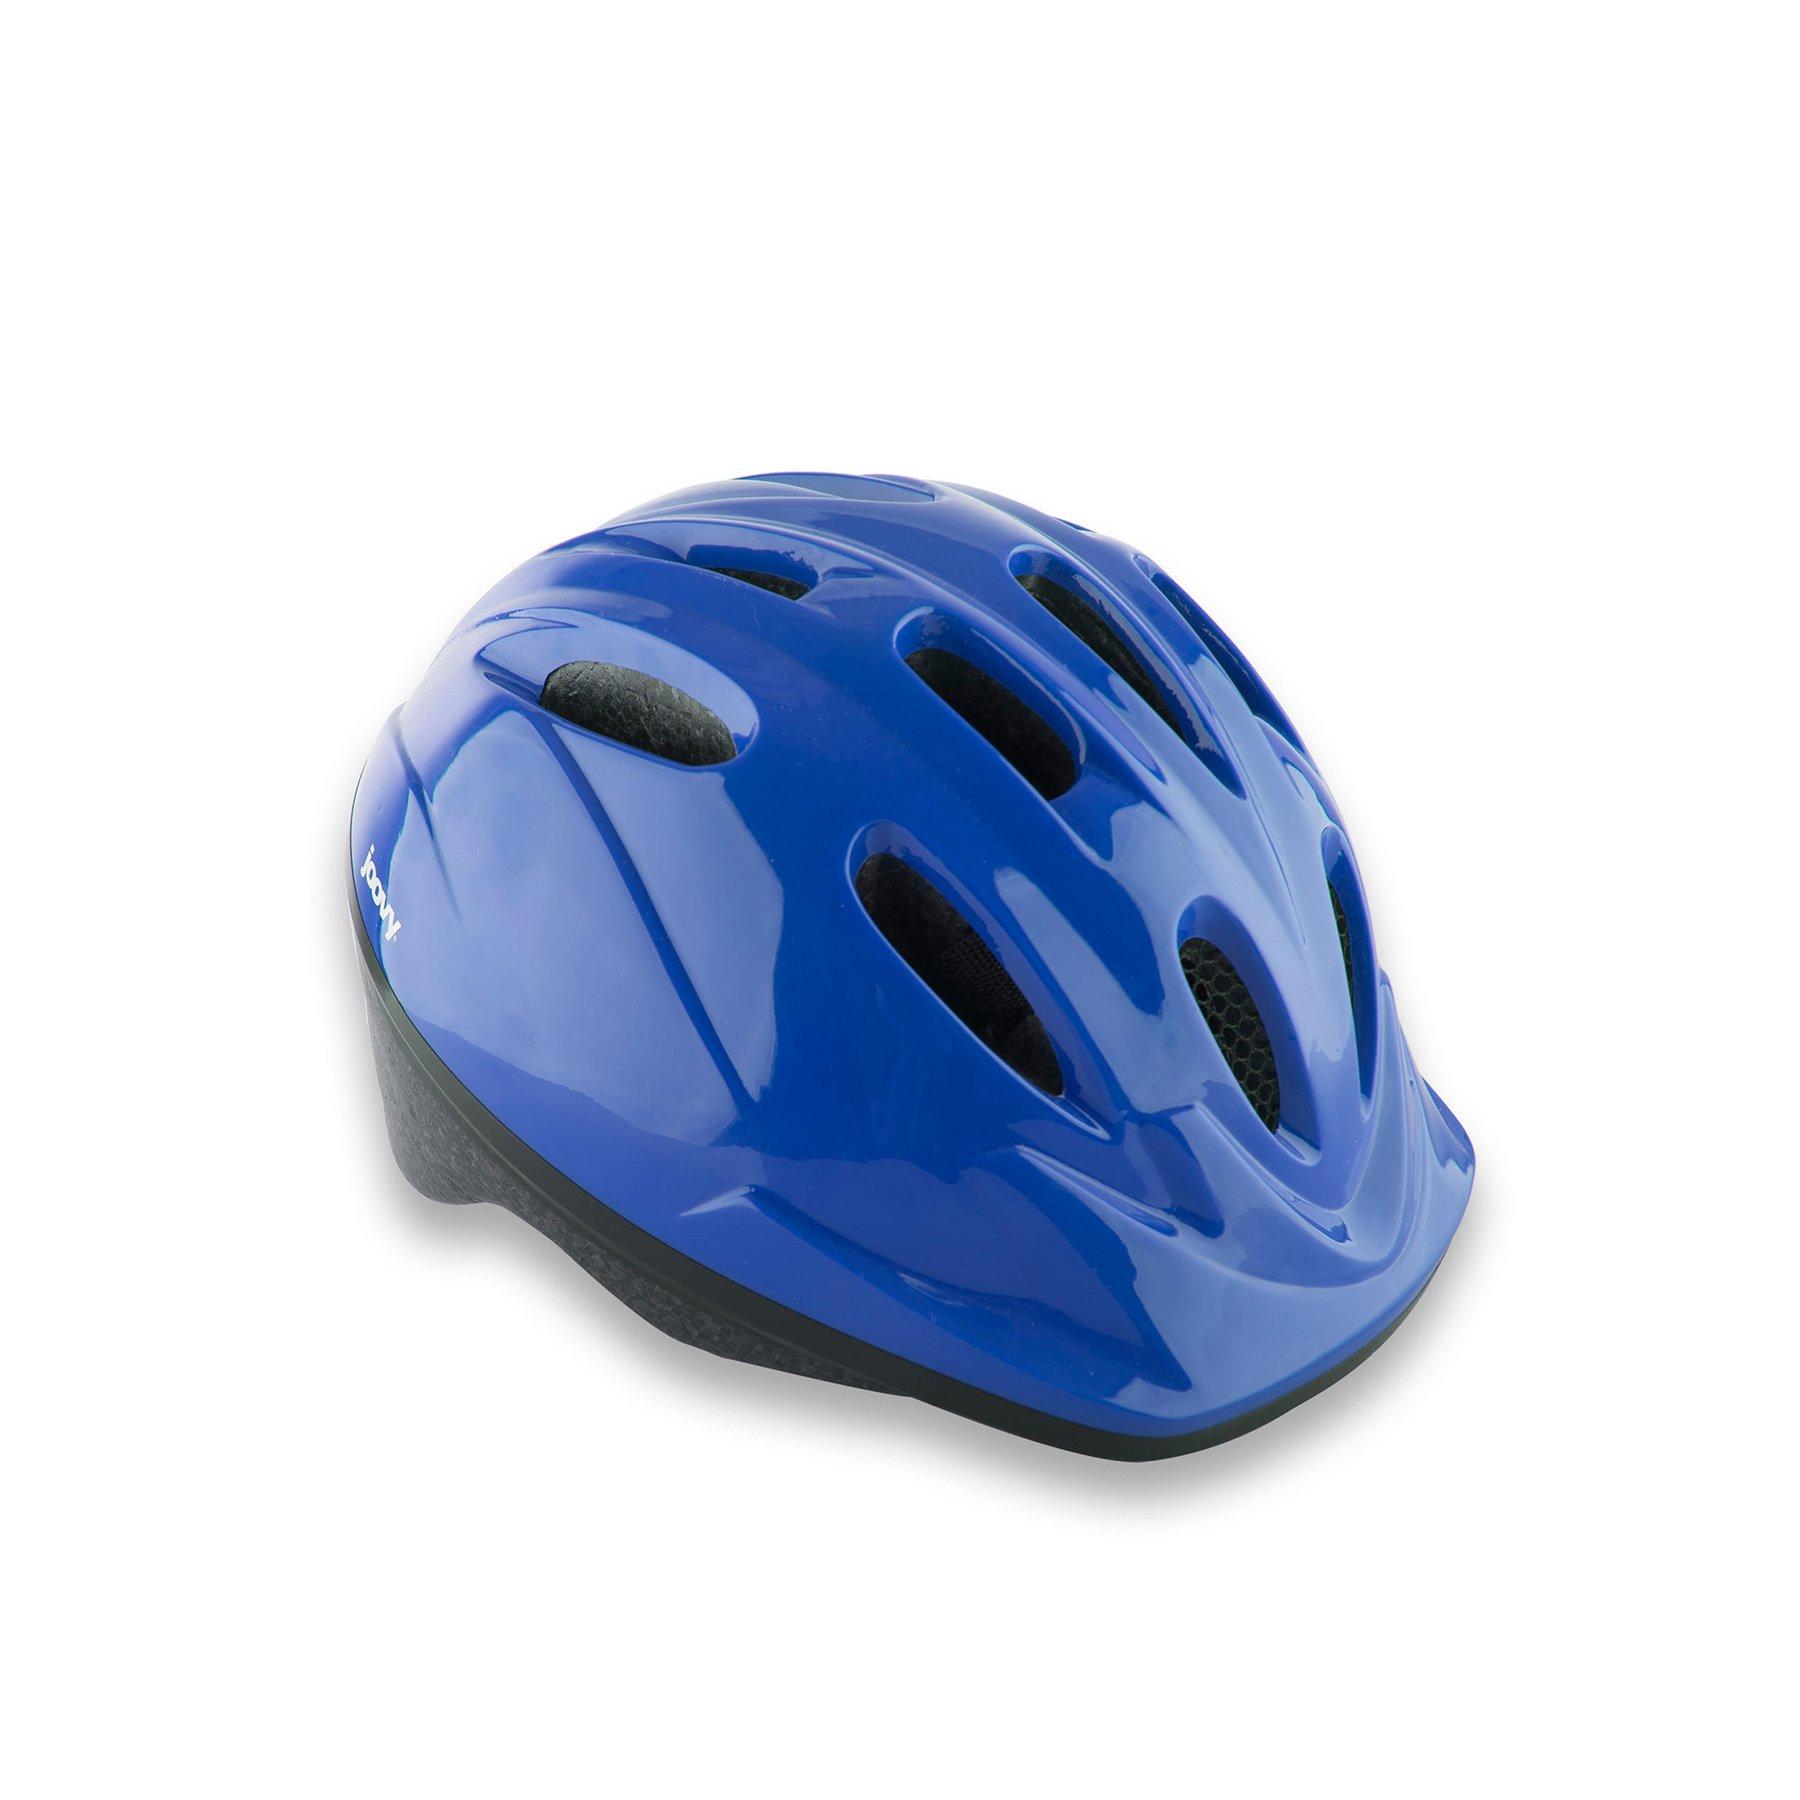 Joovy Noodle Helmet XS-S, Blueberry